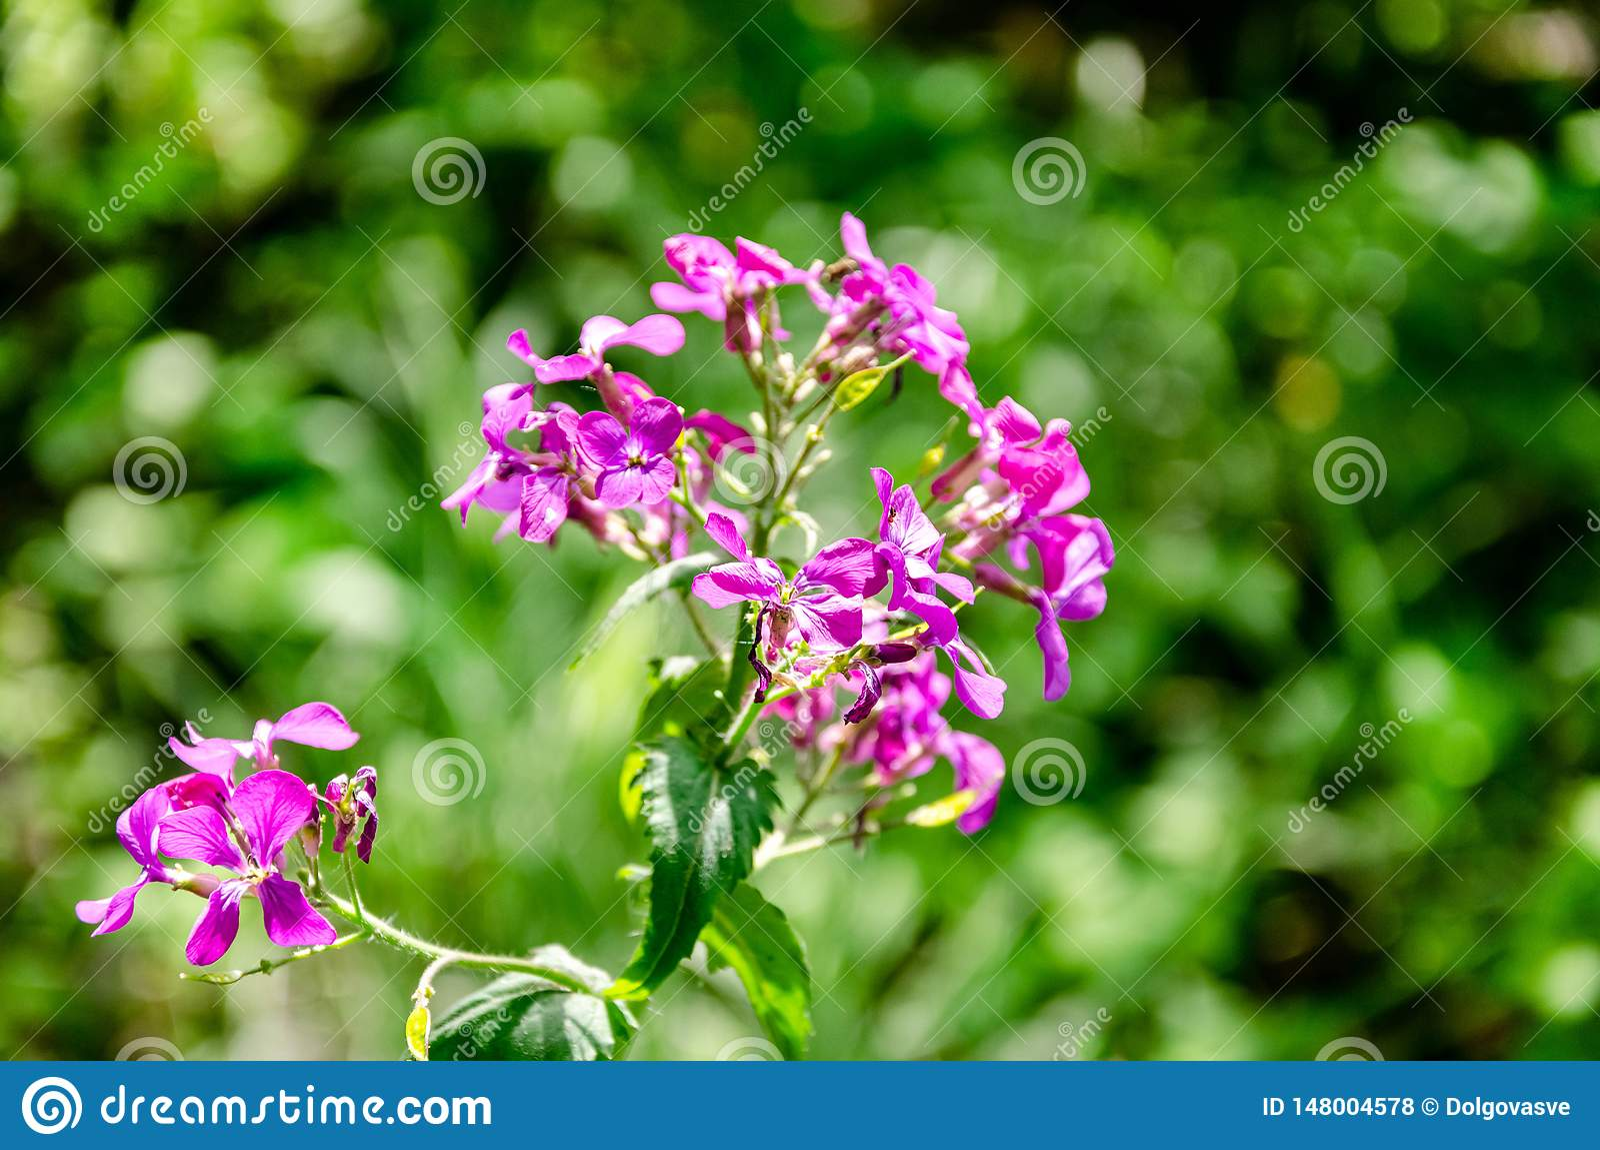 Summer delicate blooming pink flowers